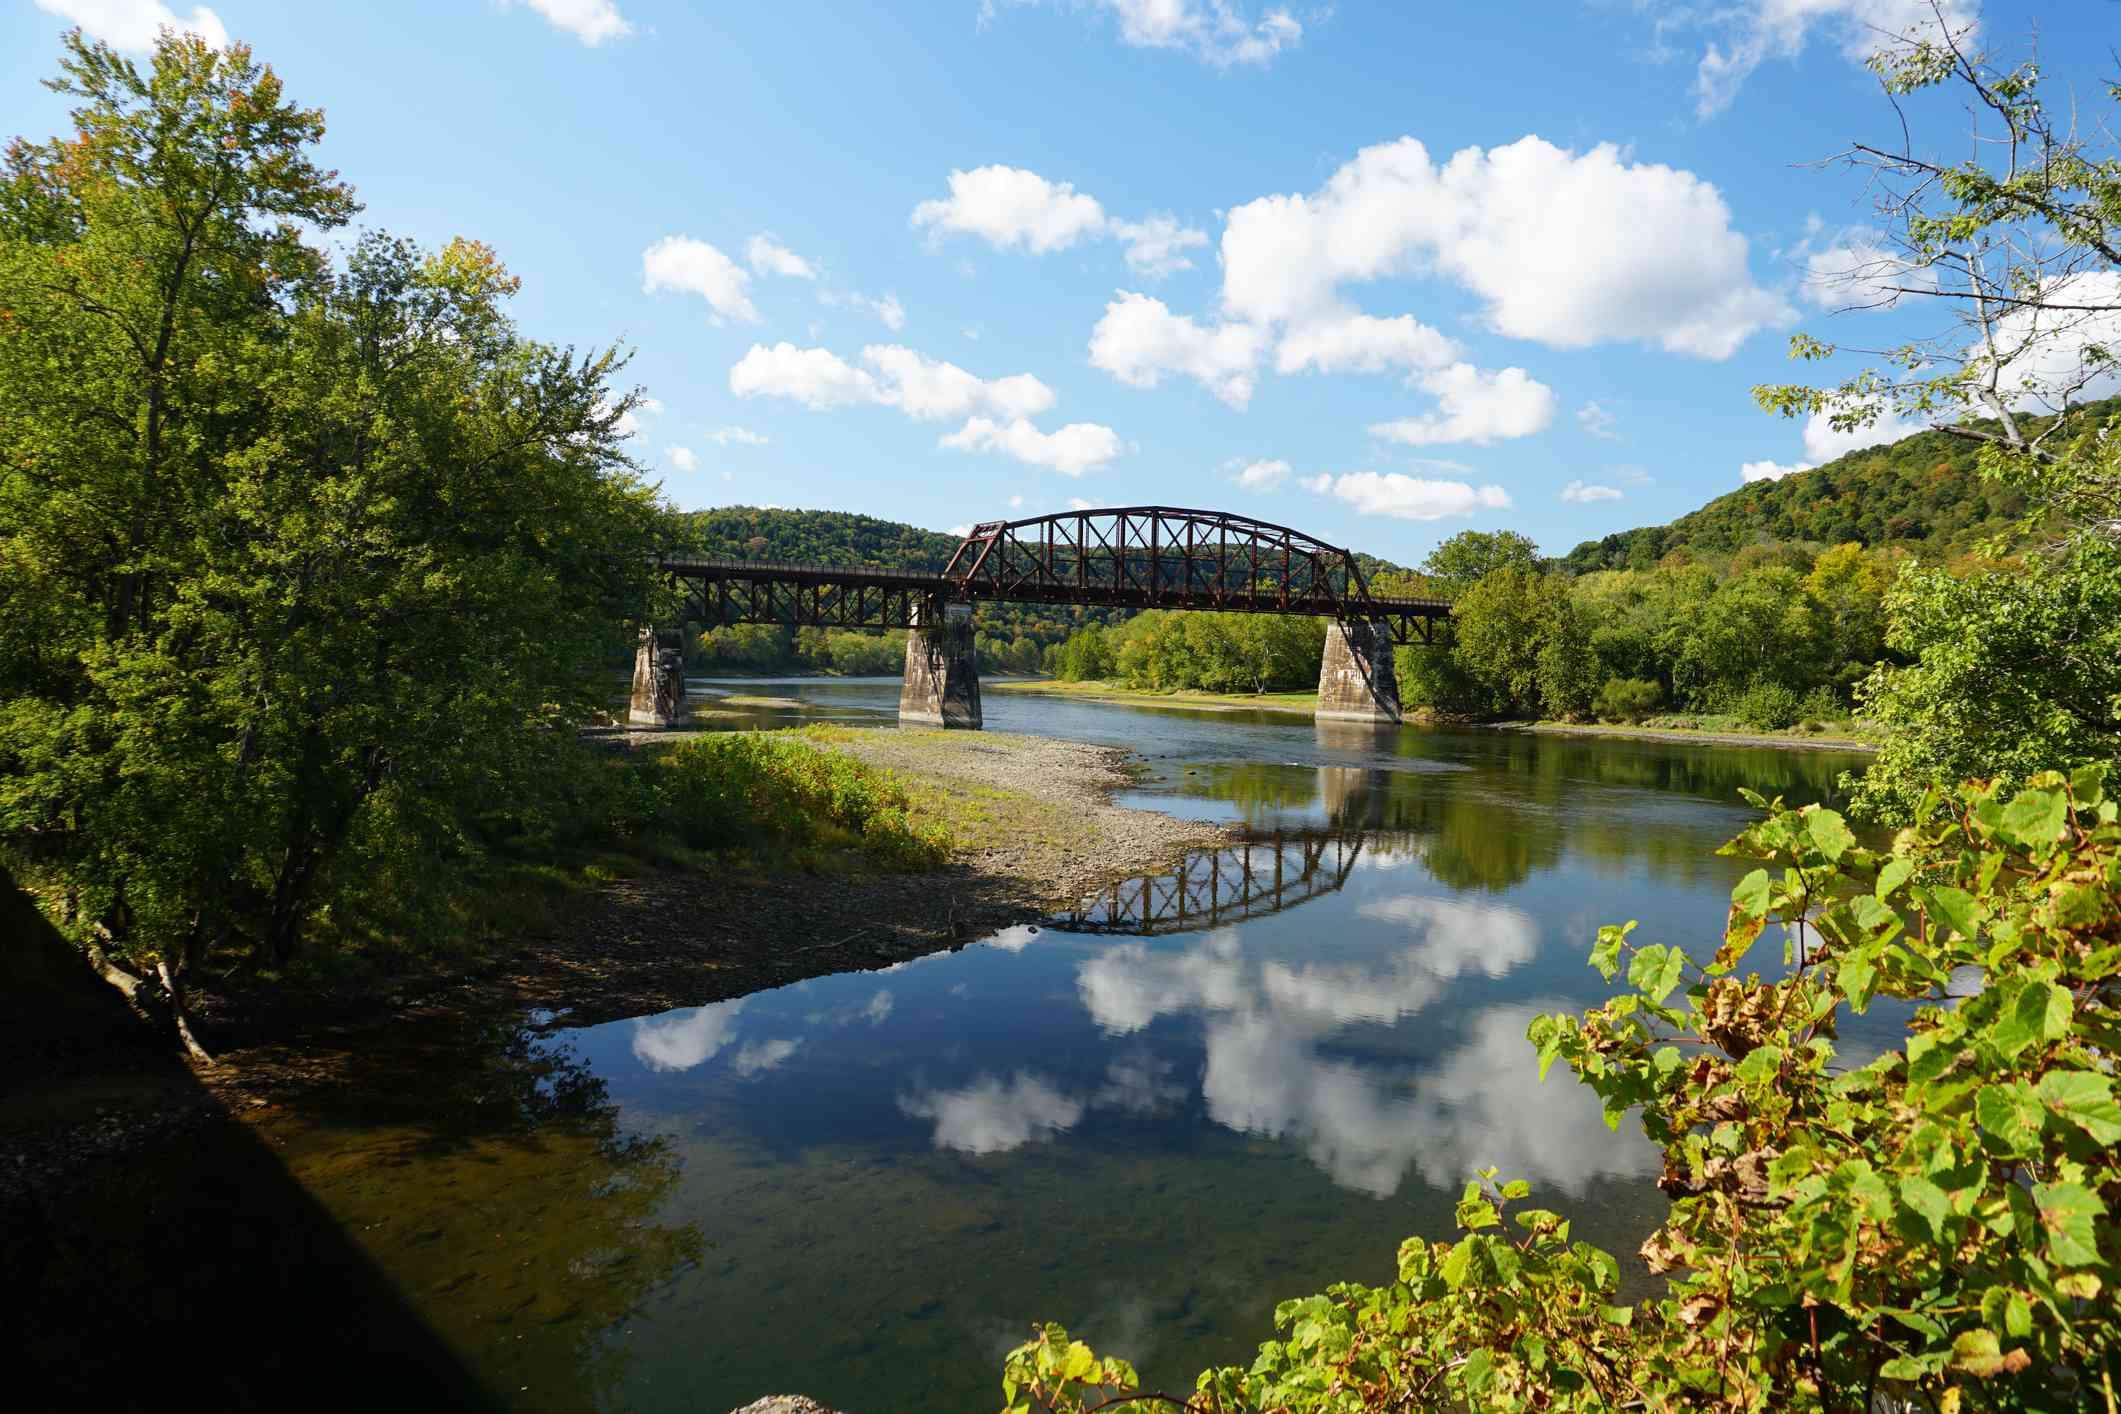 Railroad Truss Bridge over the River bend